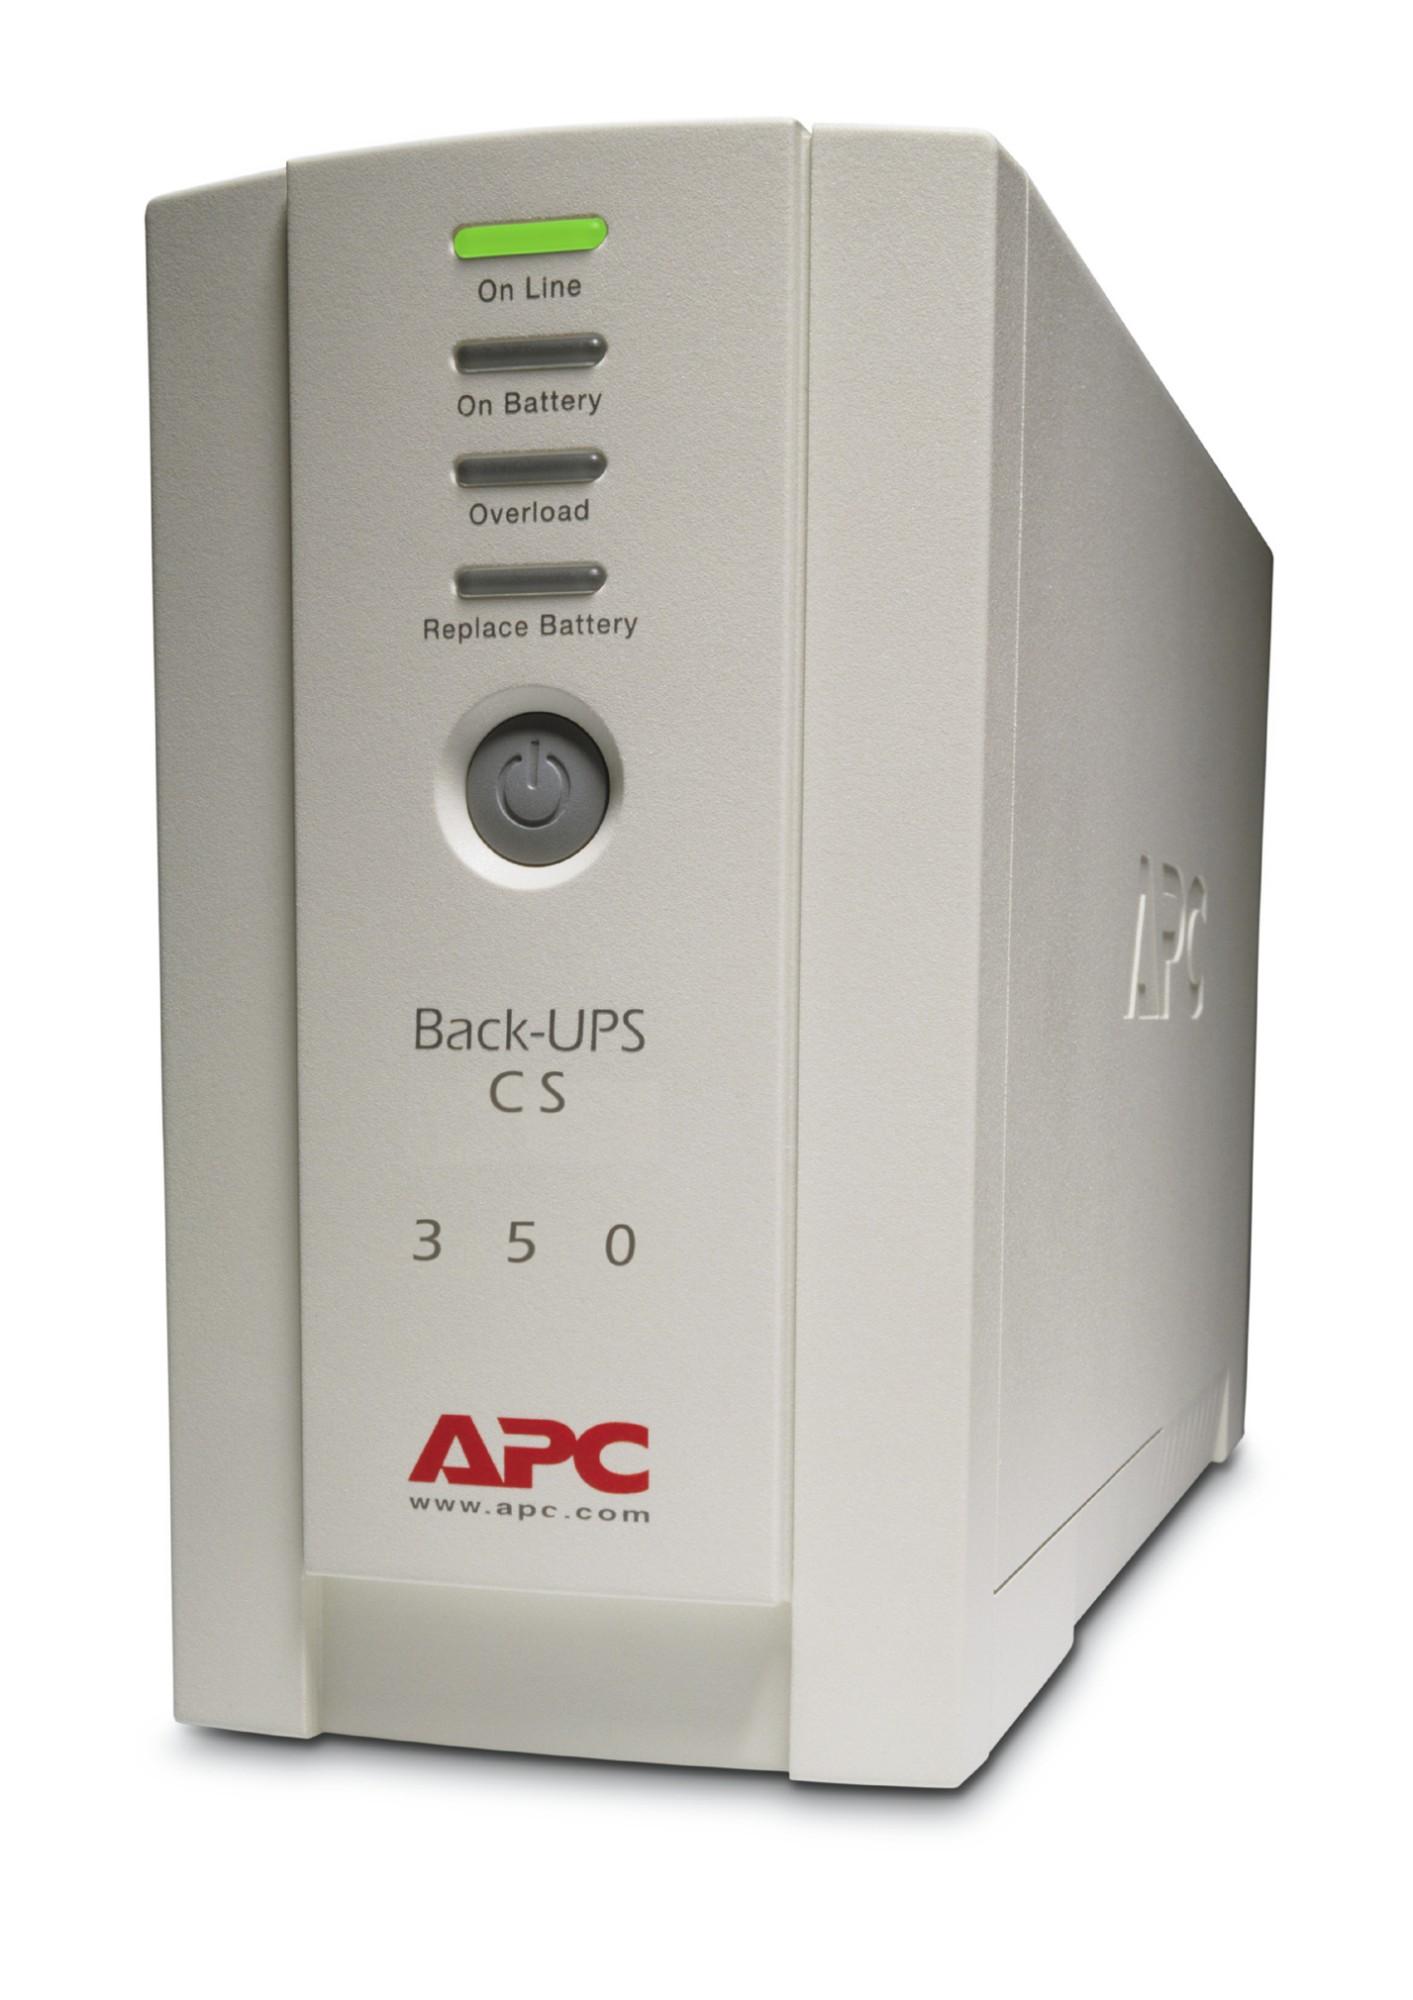 APC Back-UPS sistema de alimentación ininterrumpida (UPS) En espera (Fuera de línea) o Standby (Offline) 350 VA 210 W 4 salidas AC